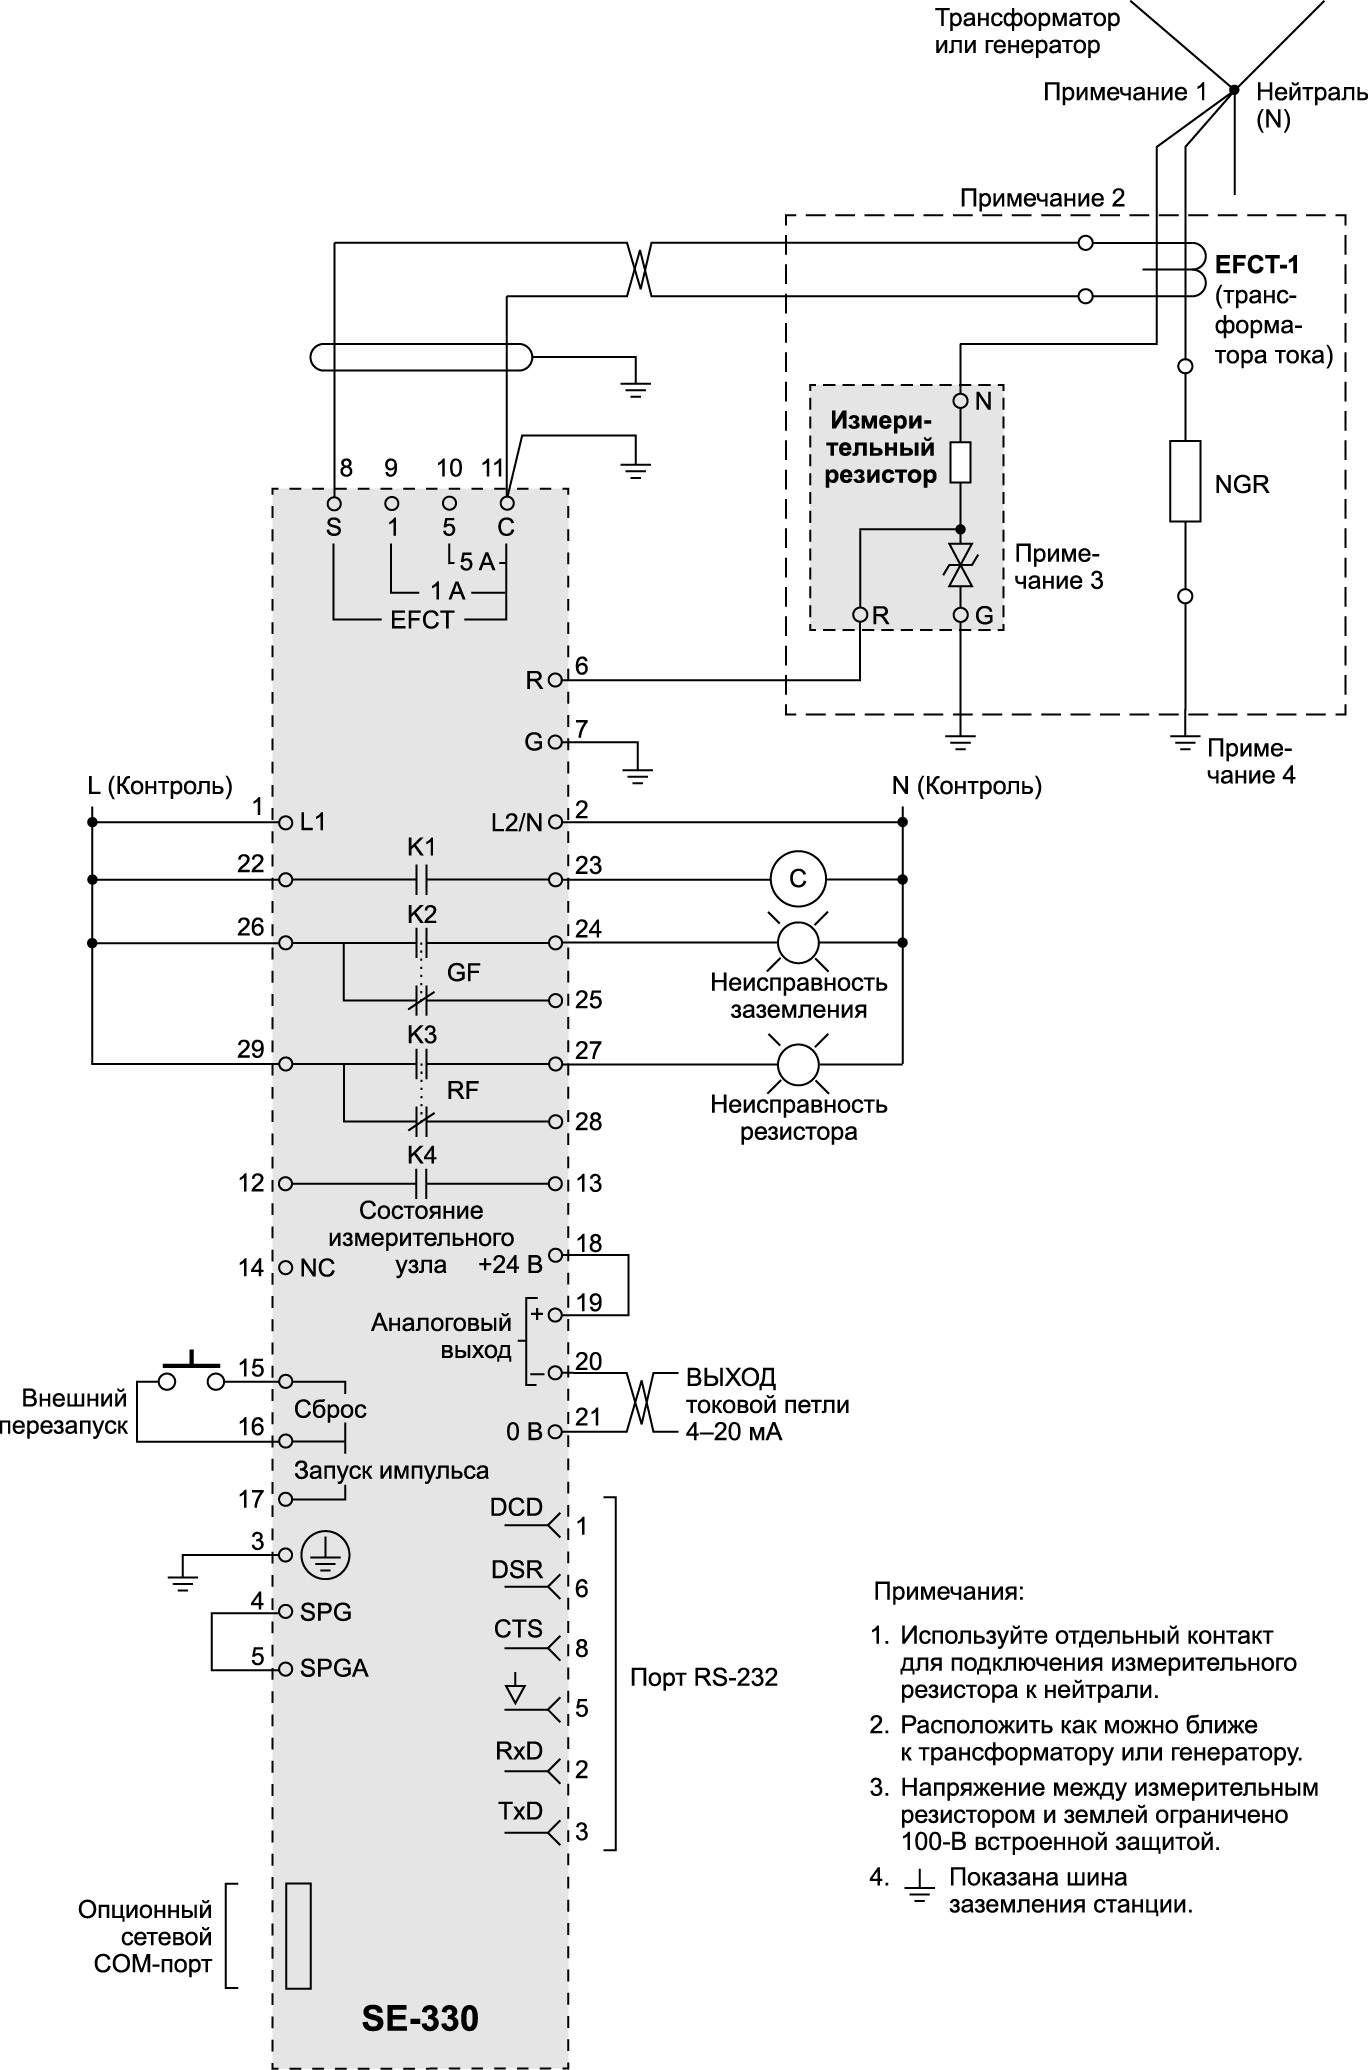 Типовая схема включения монитора NGR